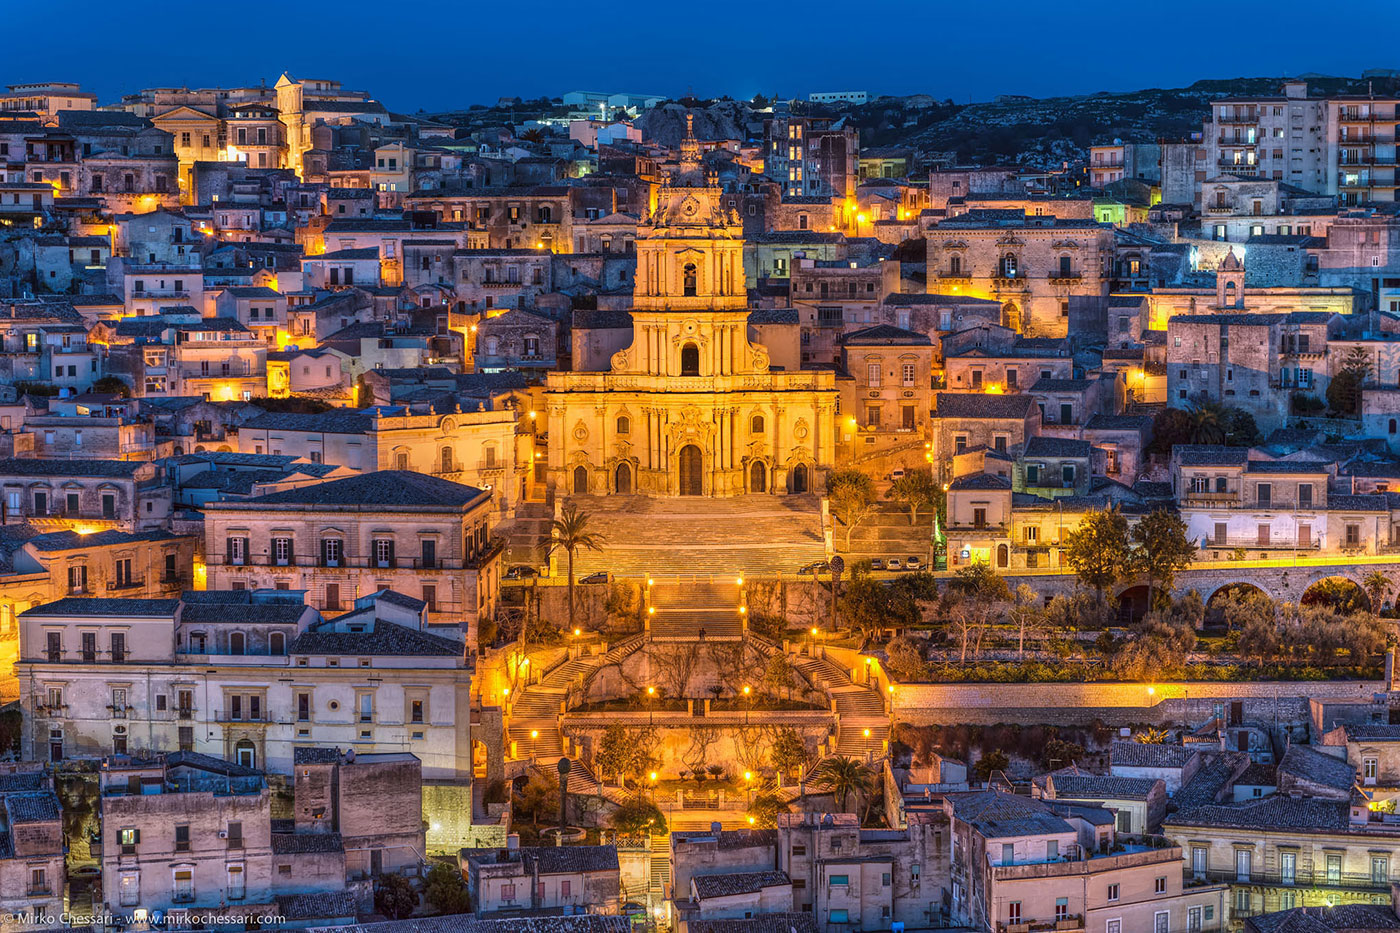 viaggio-in-Sicilia-Modica-redcarpet-magazine